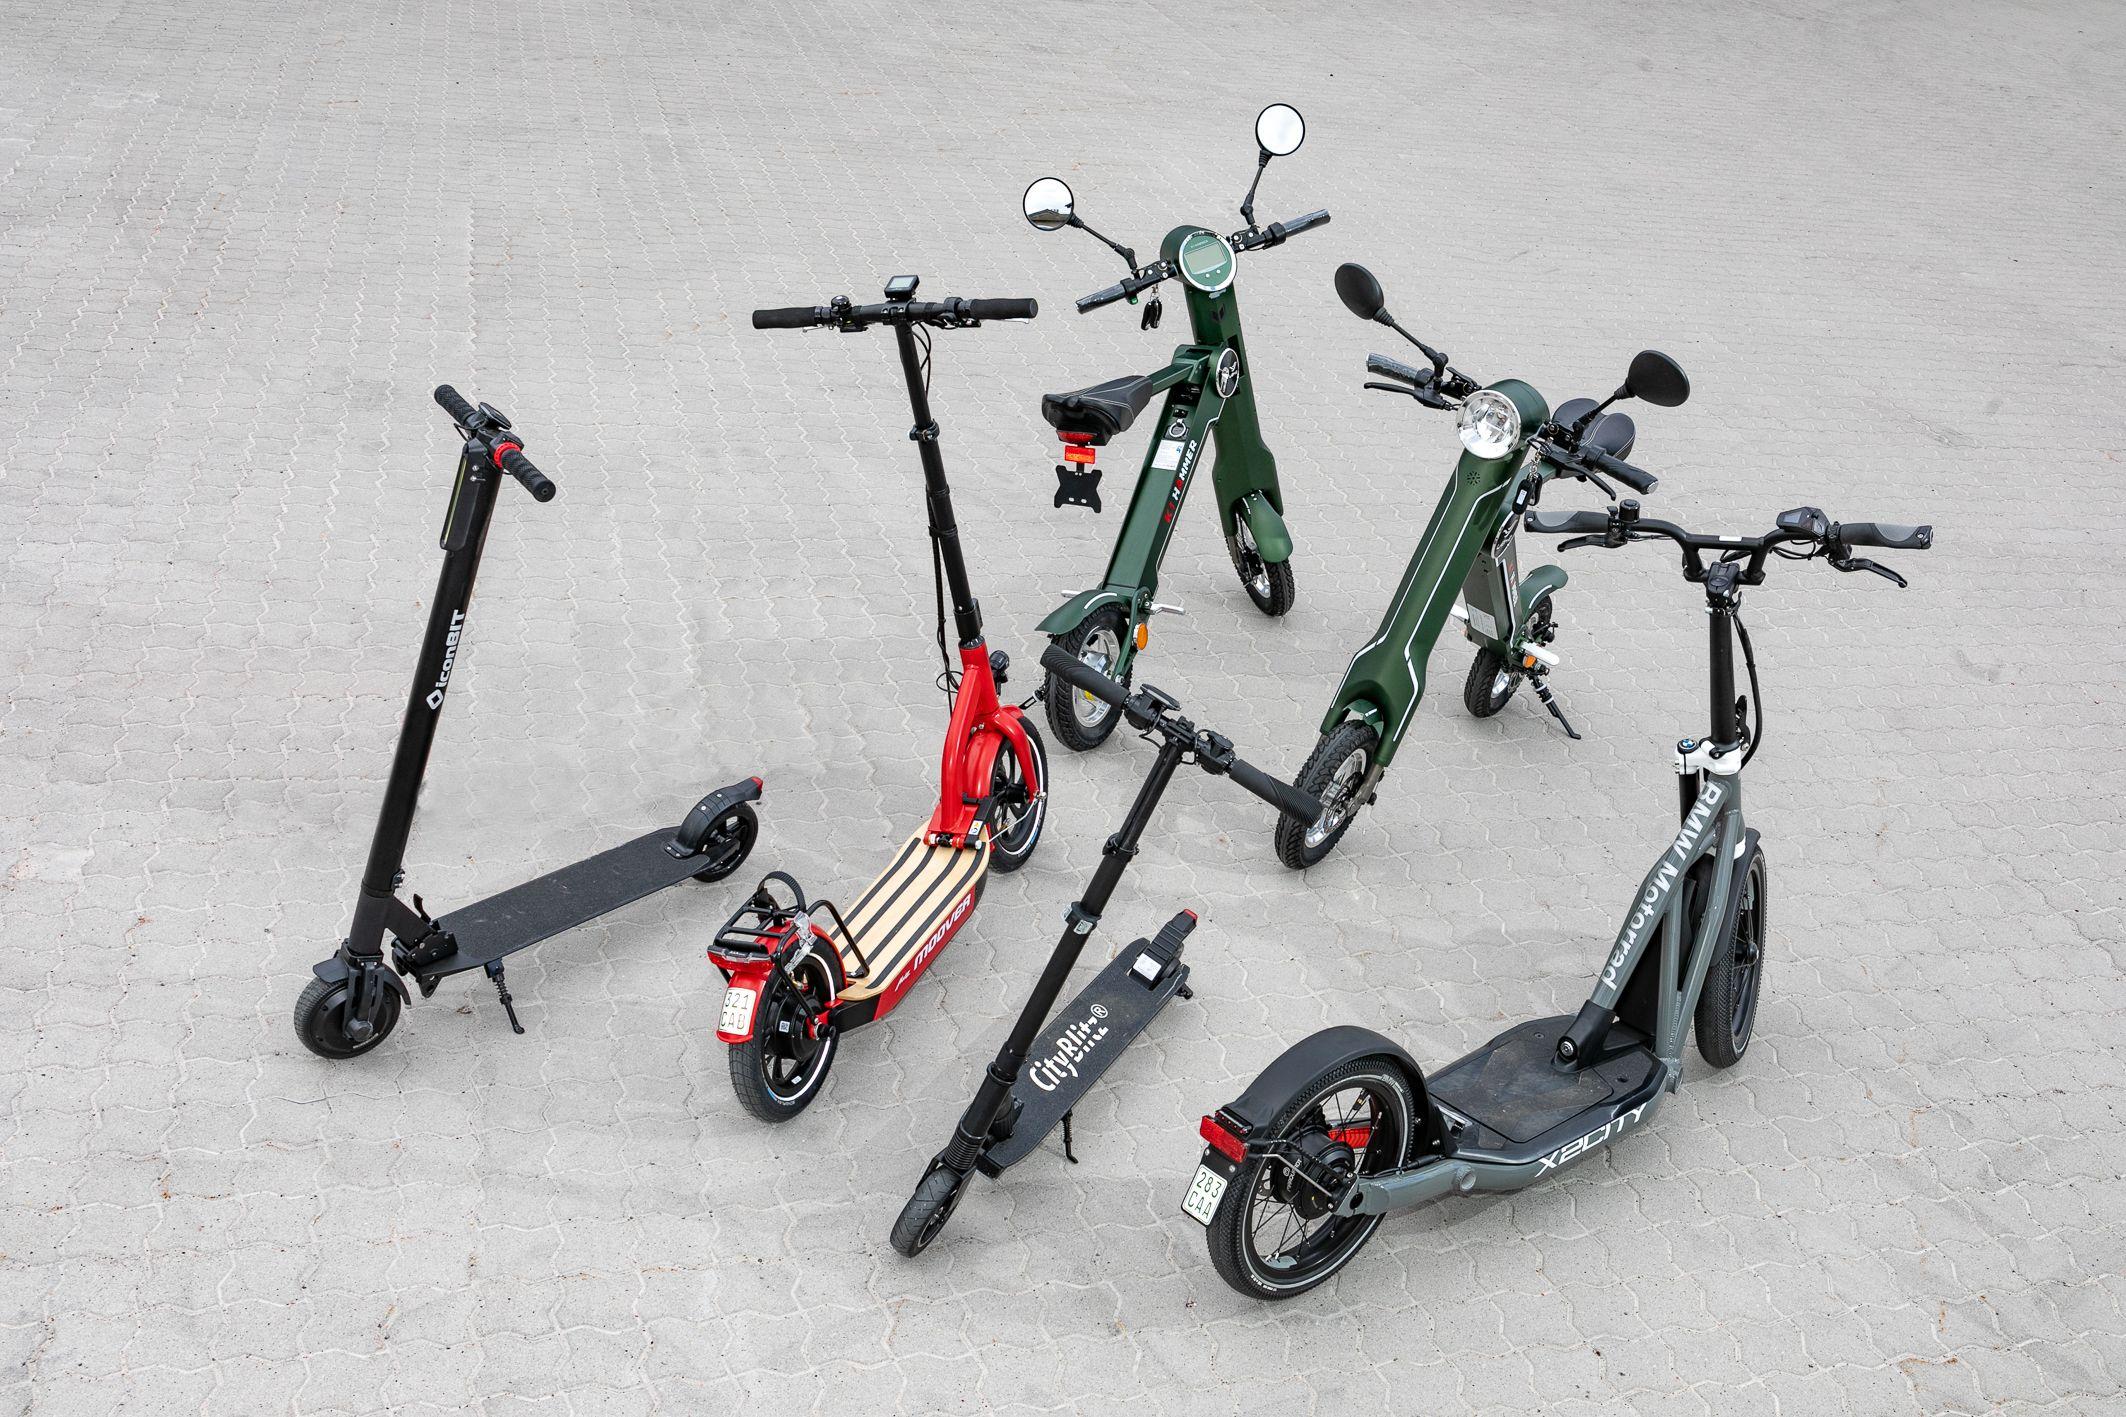 Elektro Roller Für Straßenverkehr Freigegeben